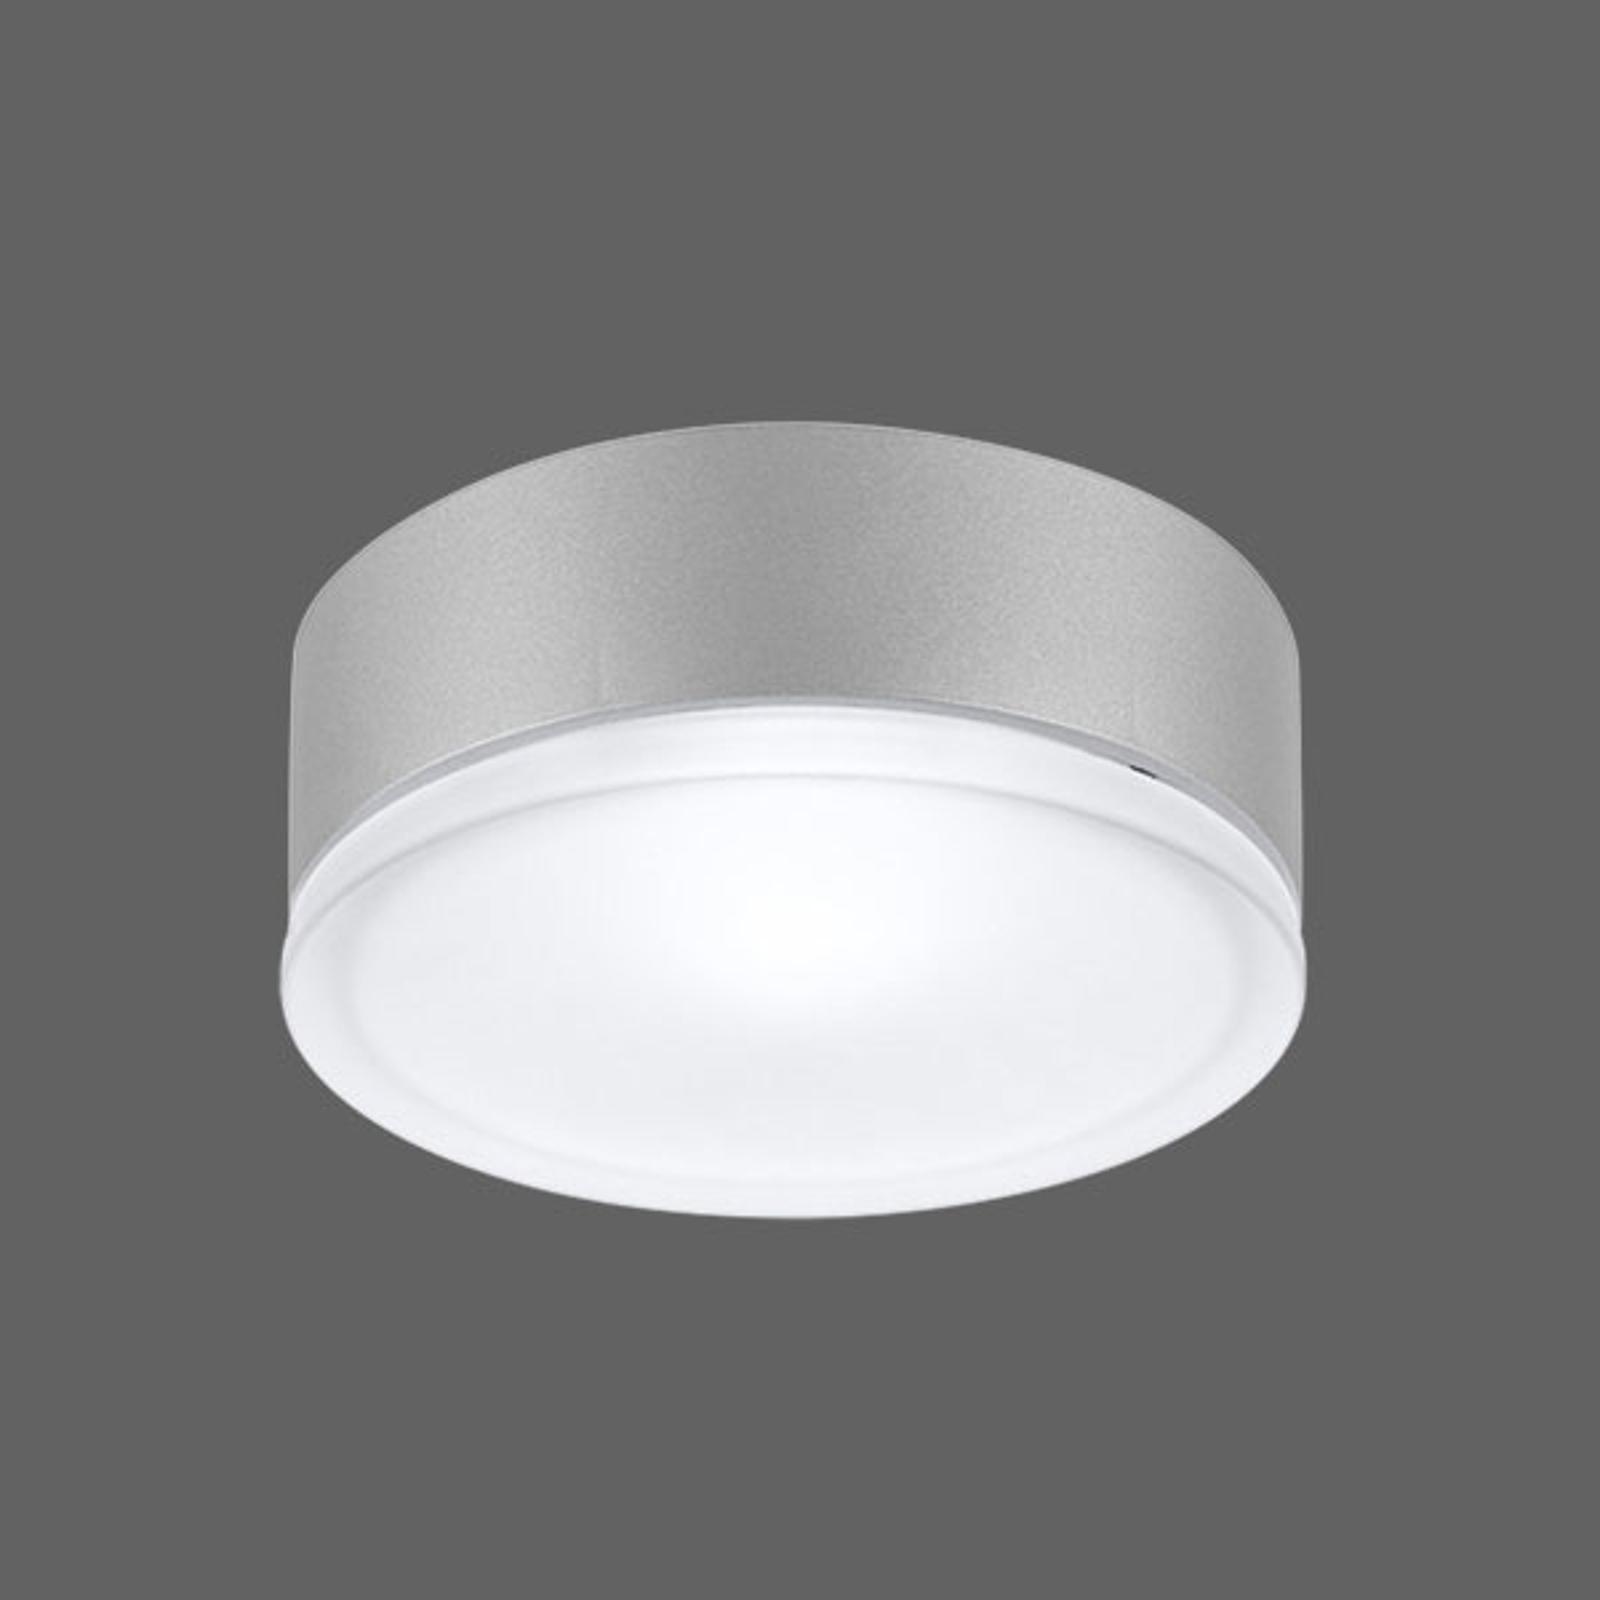 Effectieve wandlamp Drop 22 LED grijs 4.000K